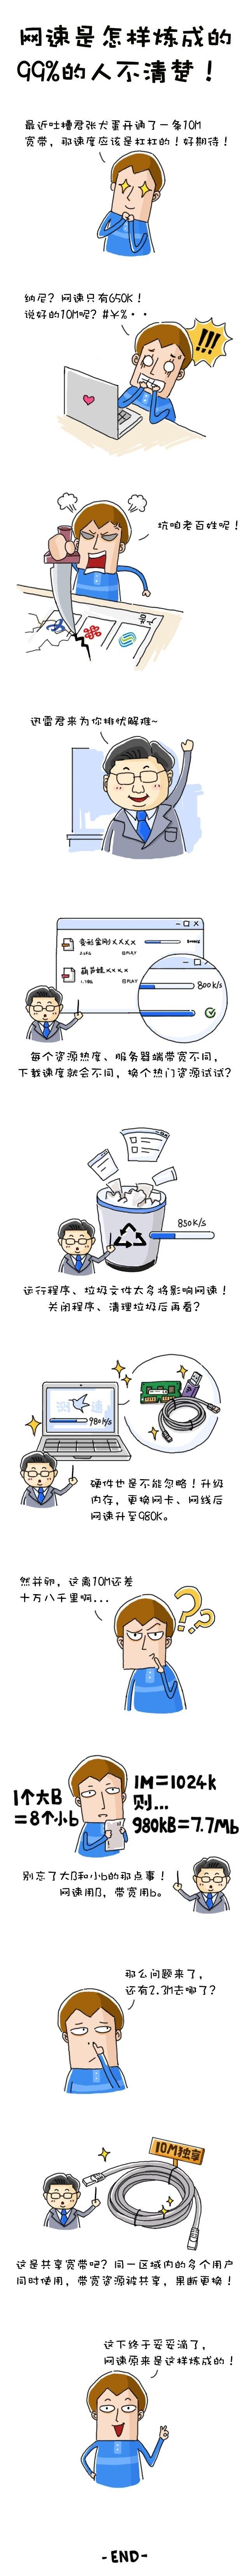 配图:网速是怎样炼成的(1)